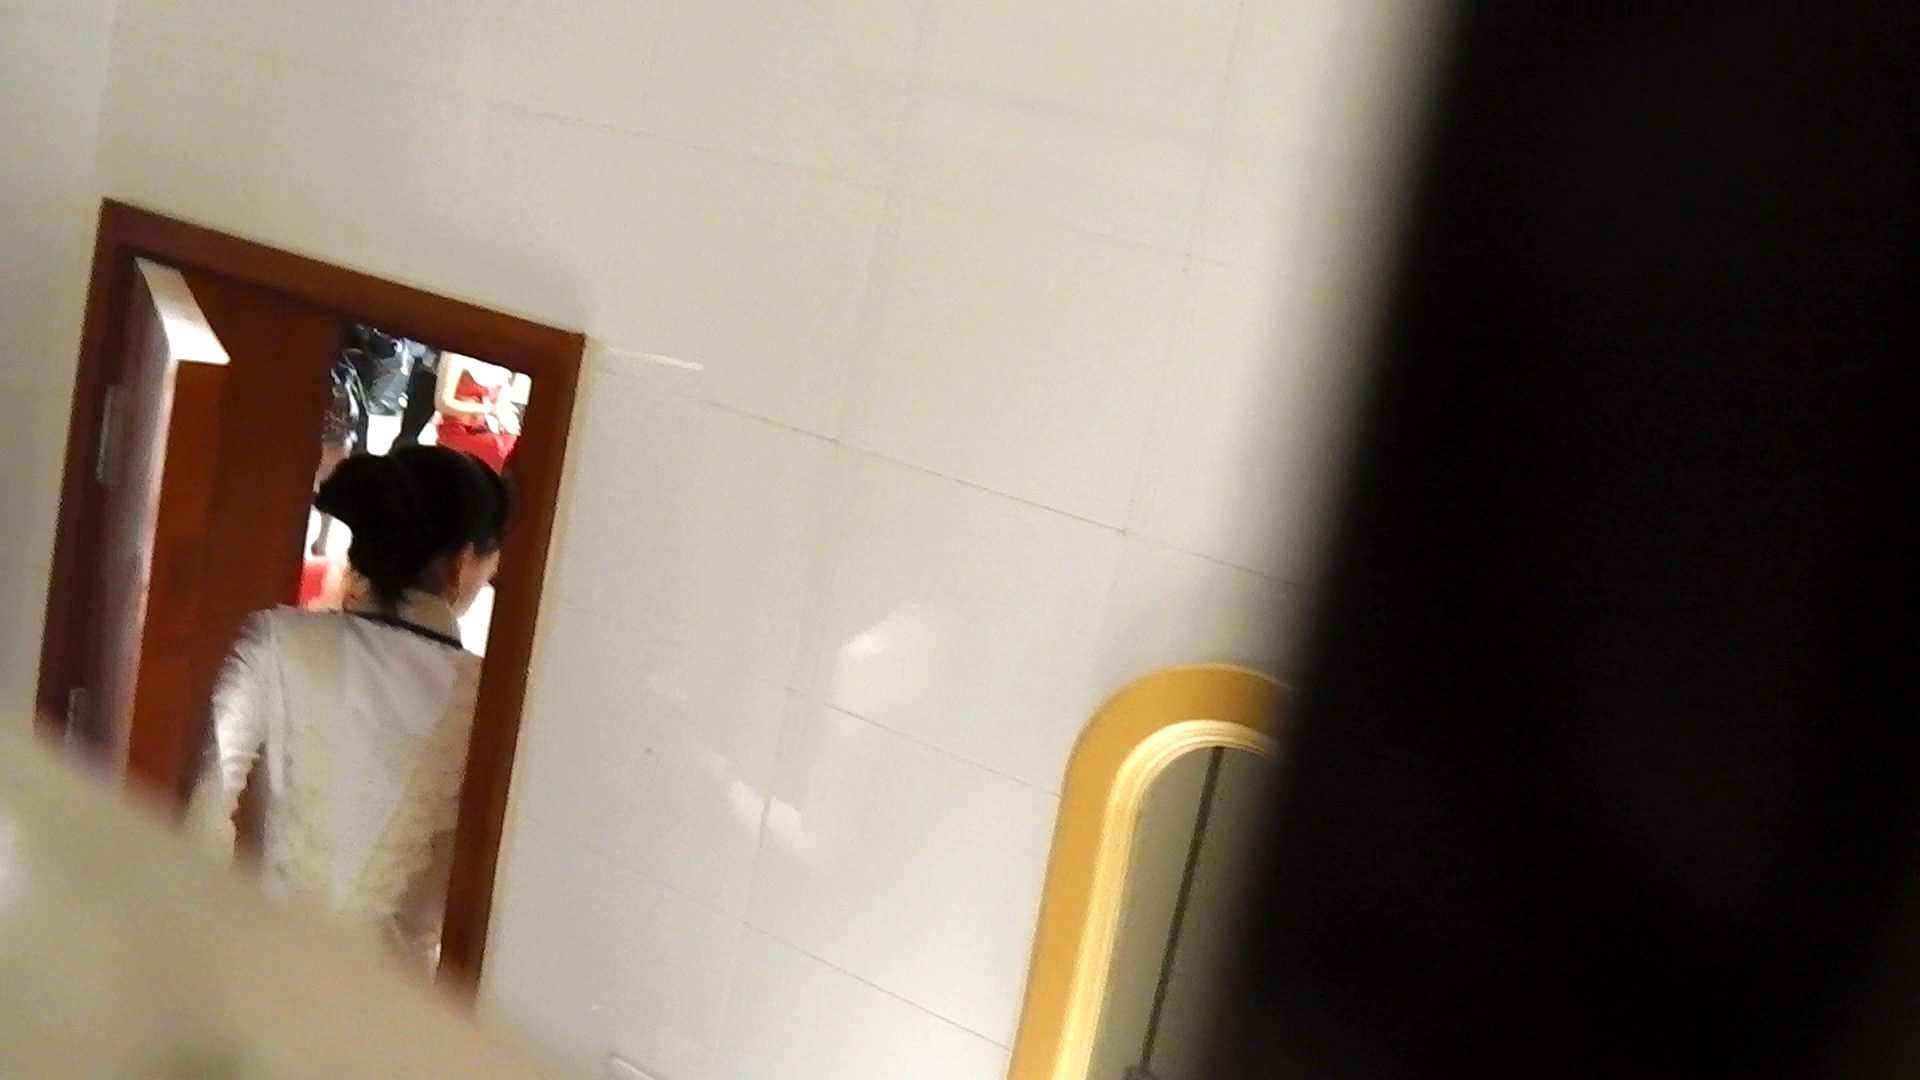 洗寿観音さんの 化粧室は四面楚歌Nol.5 洗面所  108枚 108